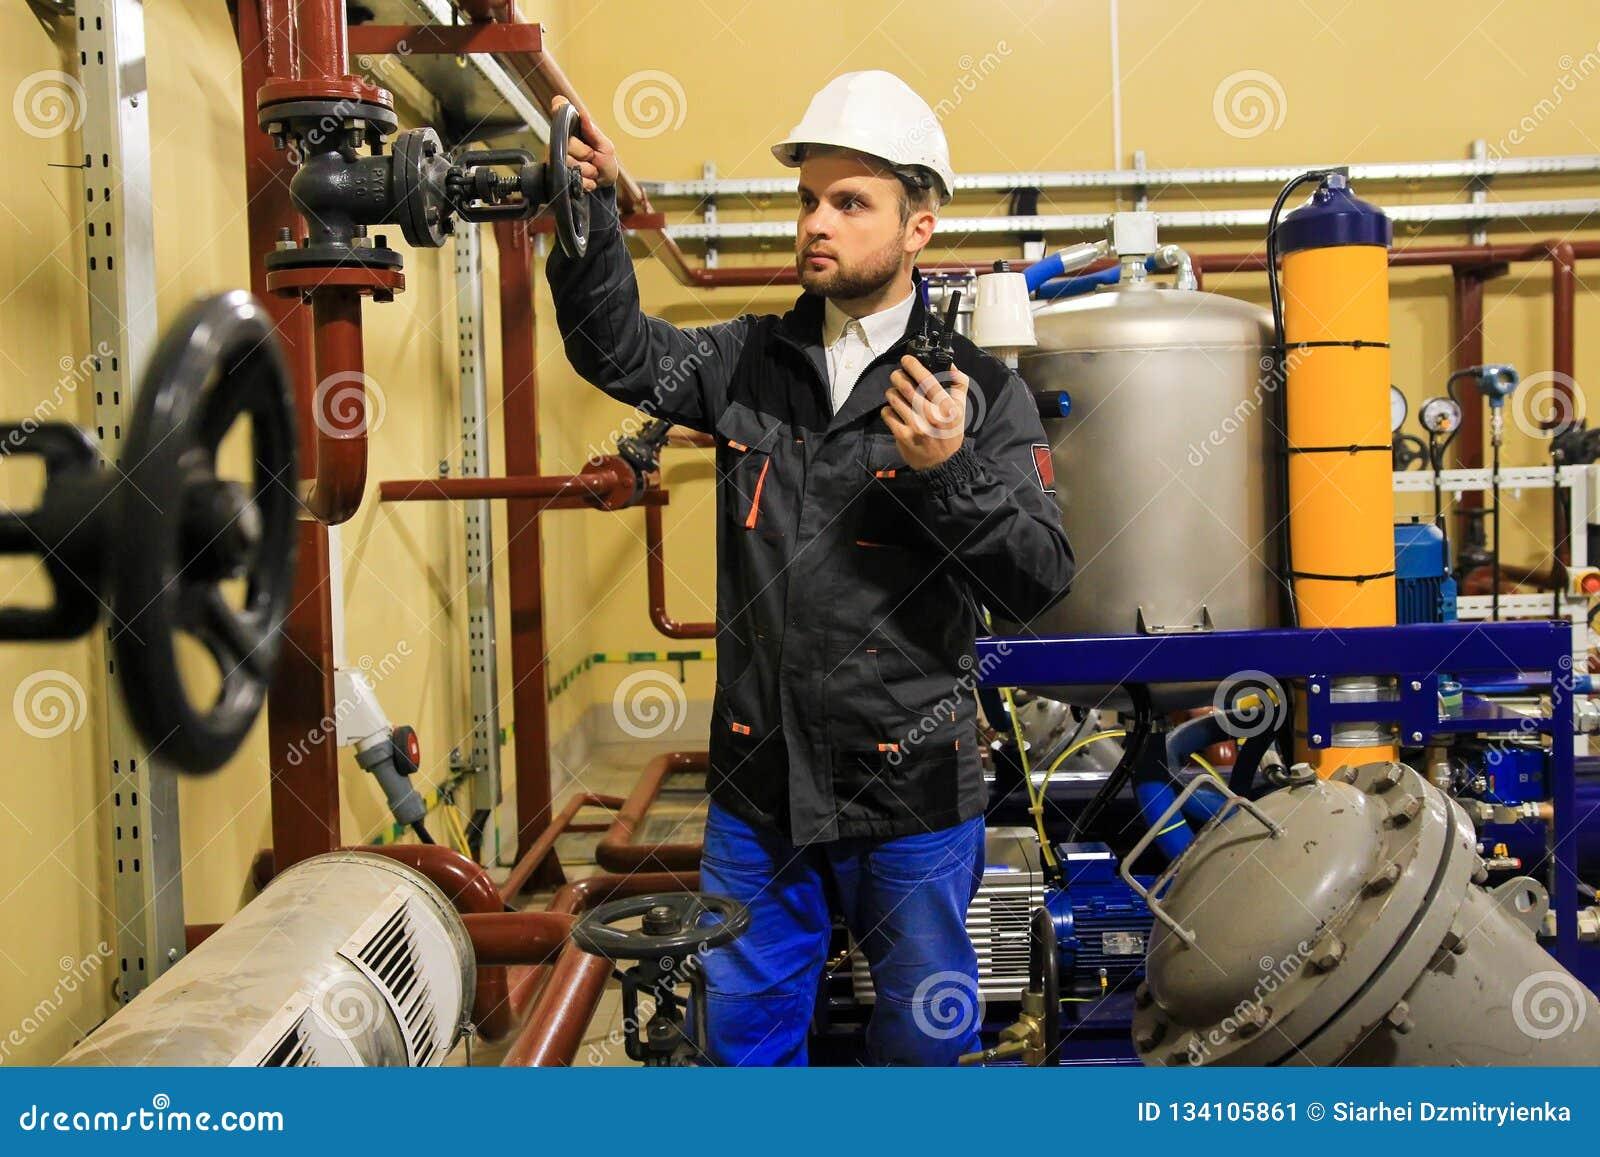 技术员工程师打开管道闸式阀在炼油厂的